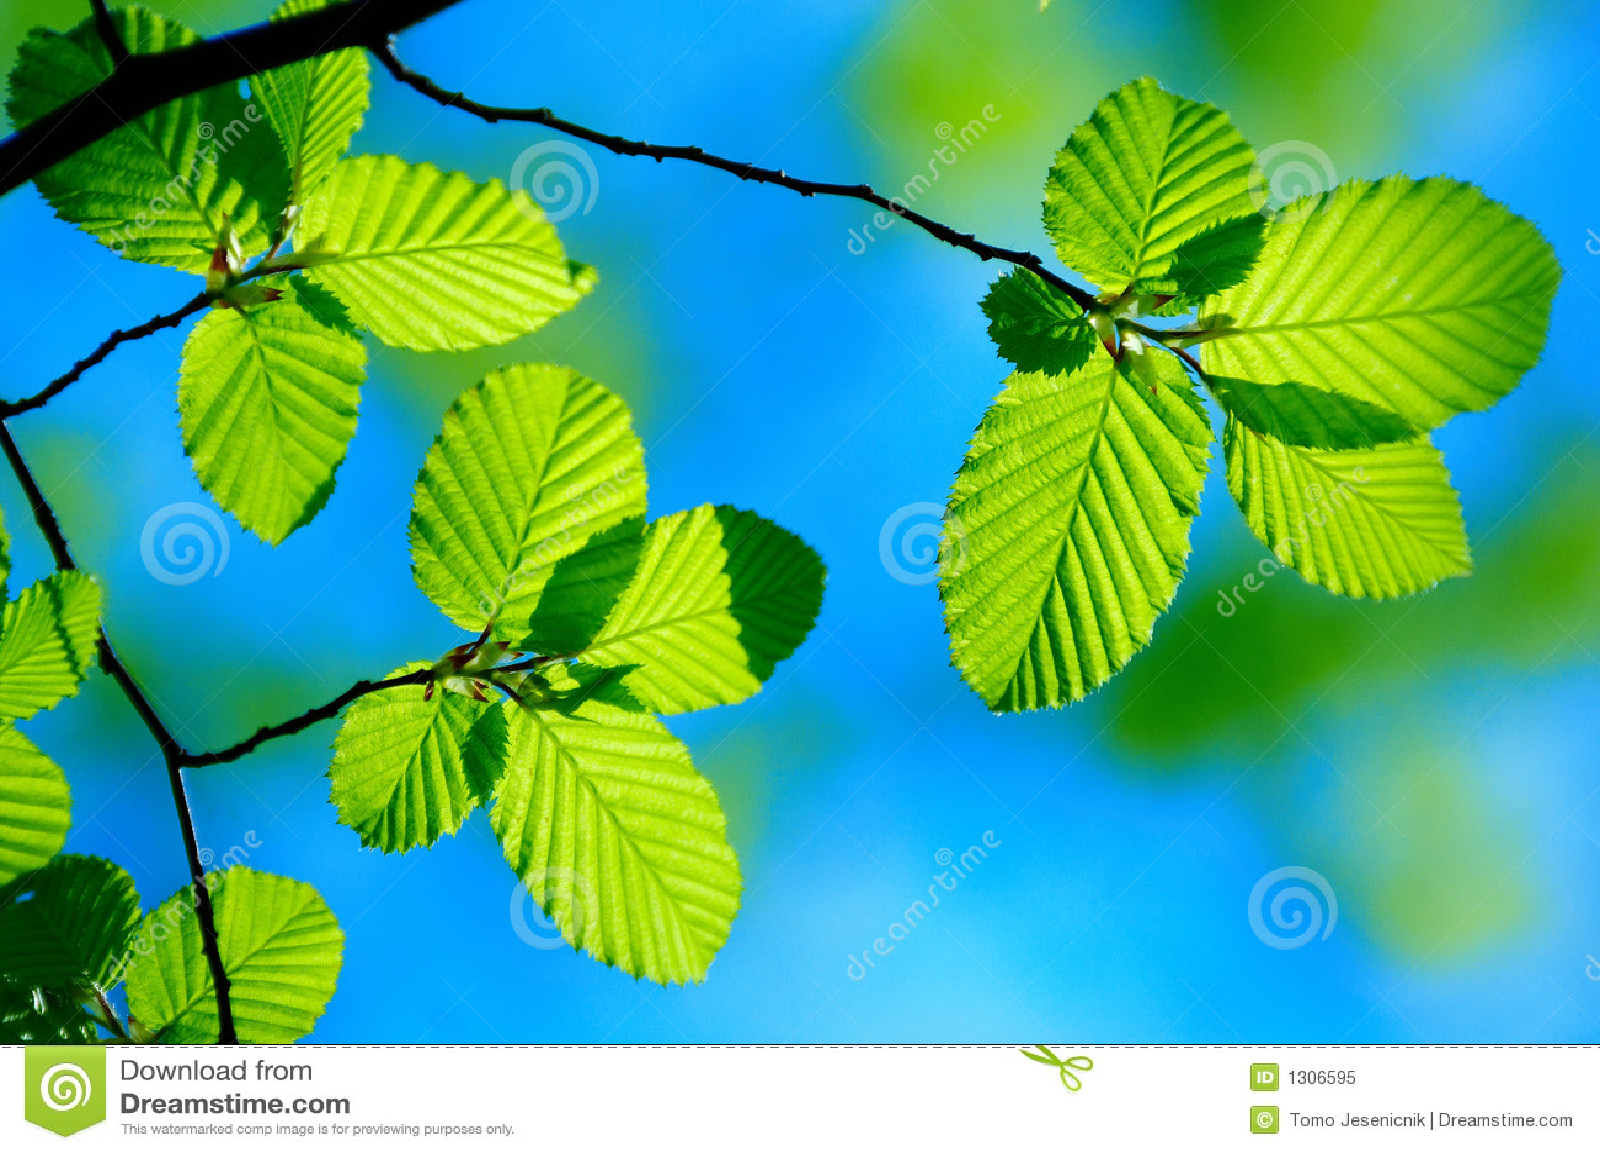 Bright green leafs